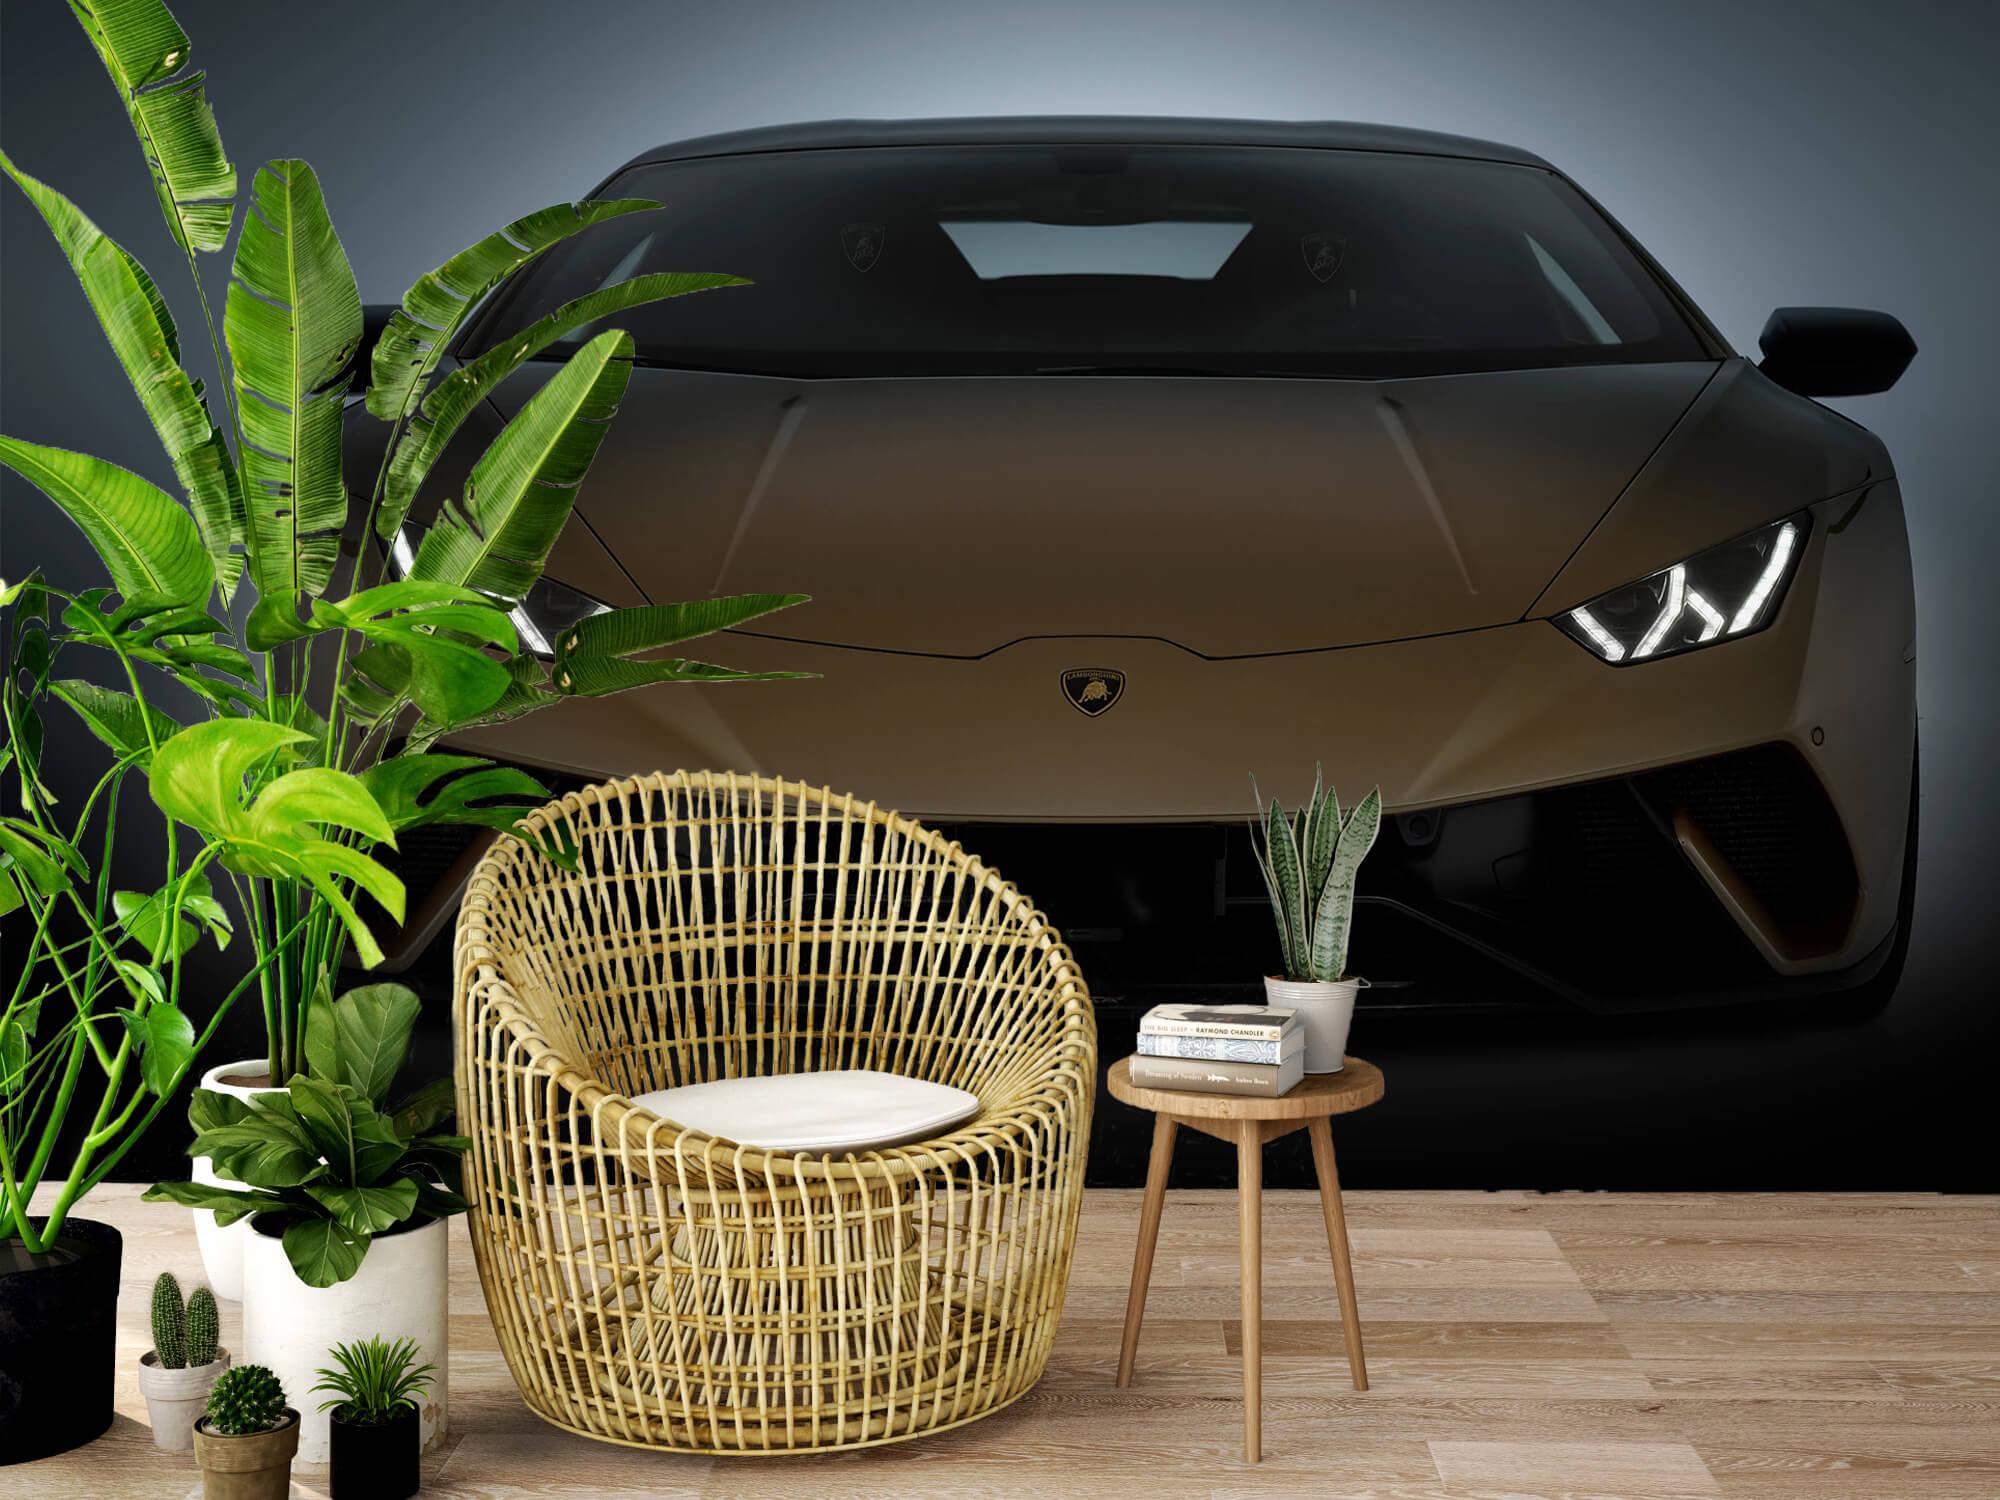 Wallpaper Lamborghini Huracán - Front Side 9